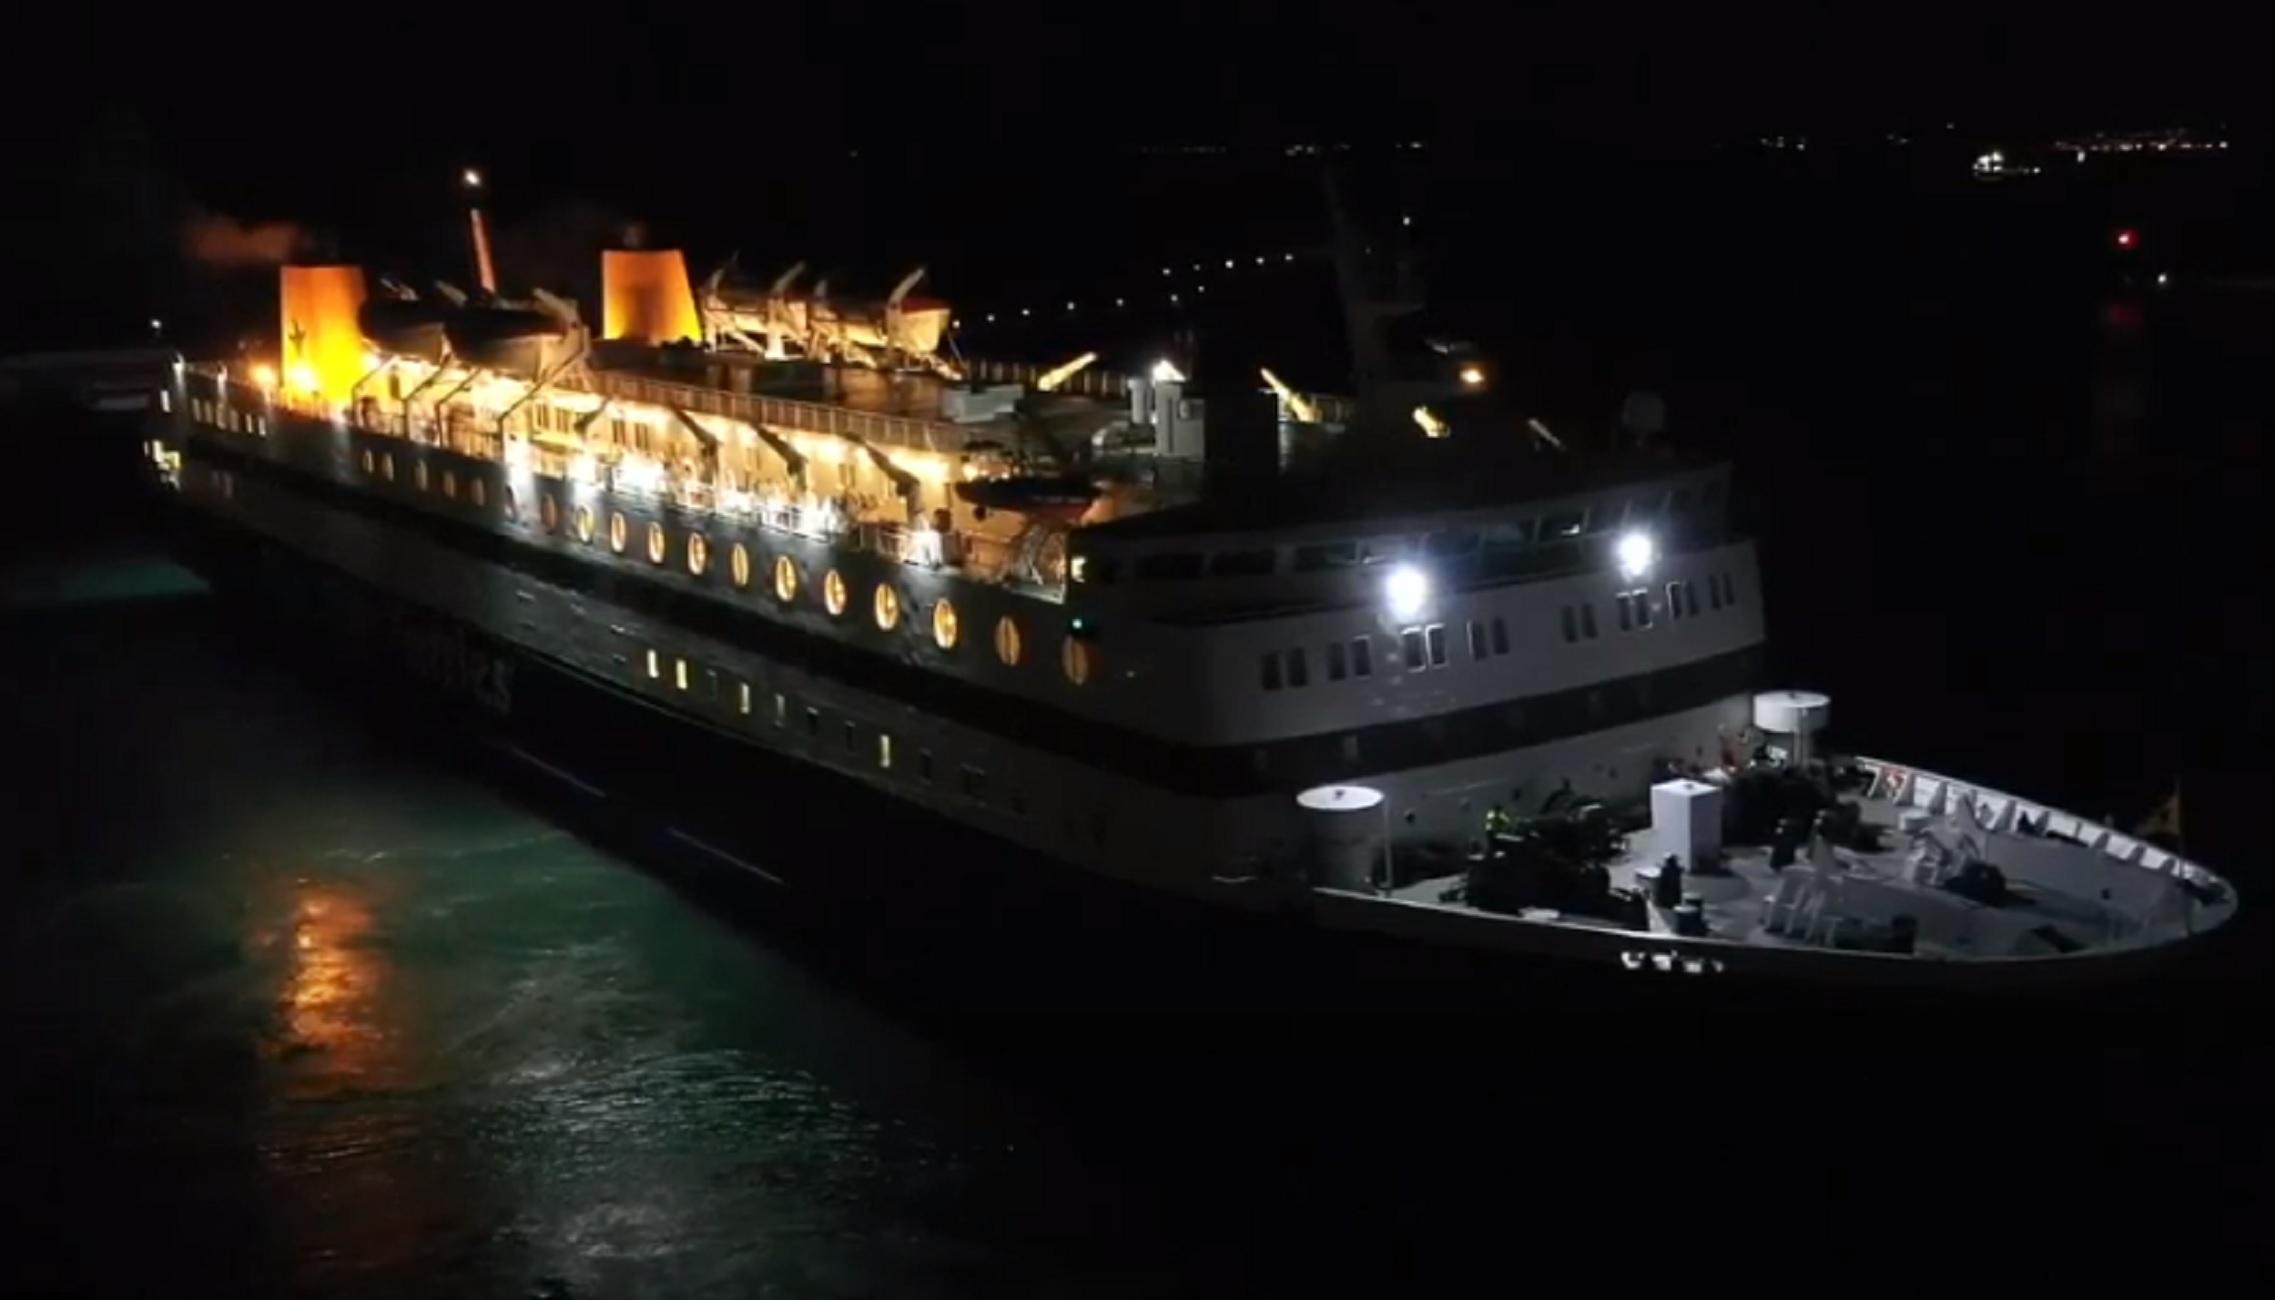 Χίος: Ο καπετάνιος του πλοίου Διαγόρας έλαβε τιμητική πλακέτα μετά από αυτές τις εικόνες (video)